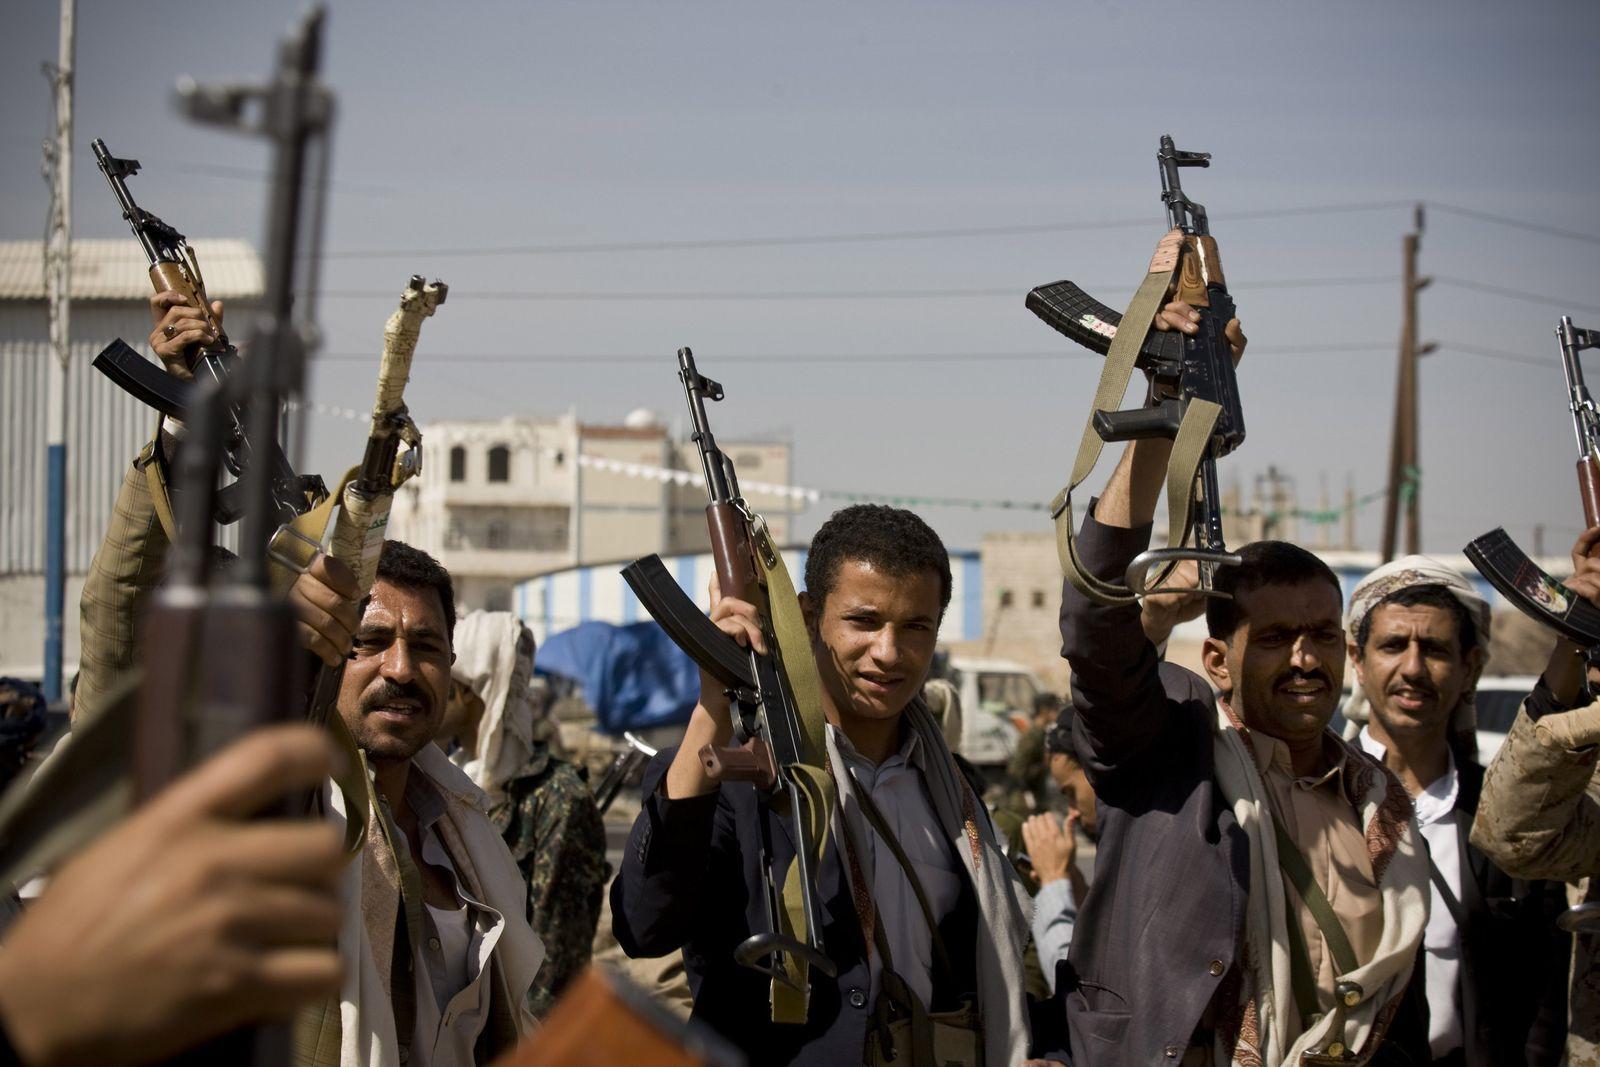 Jemen/Huthi-Rebellen